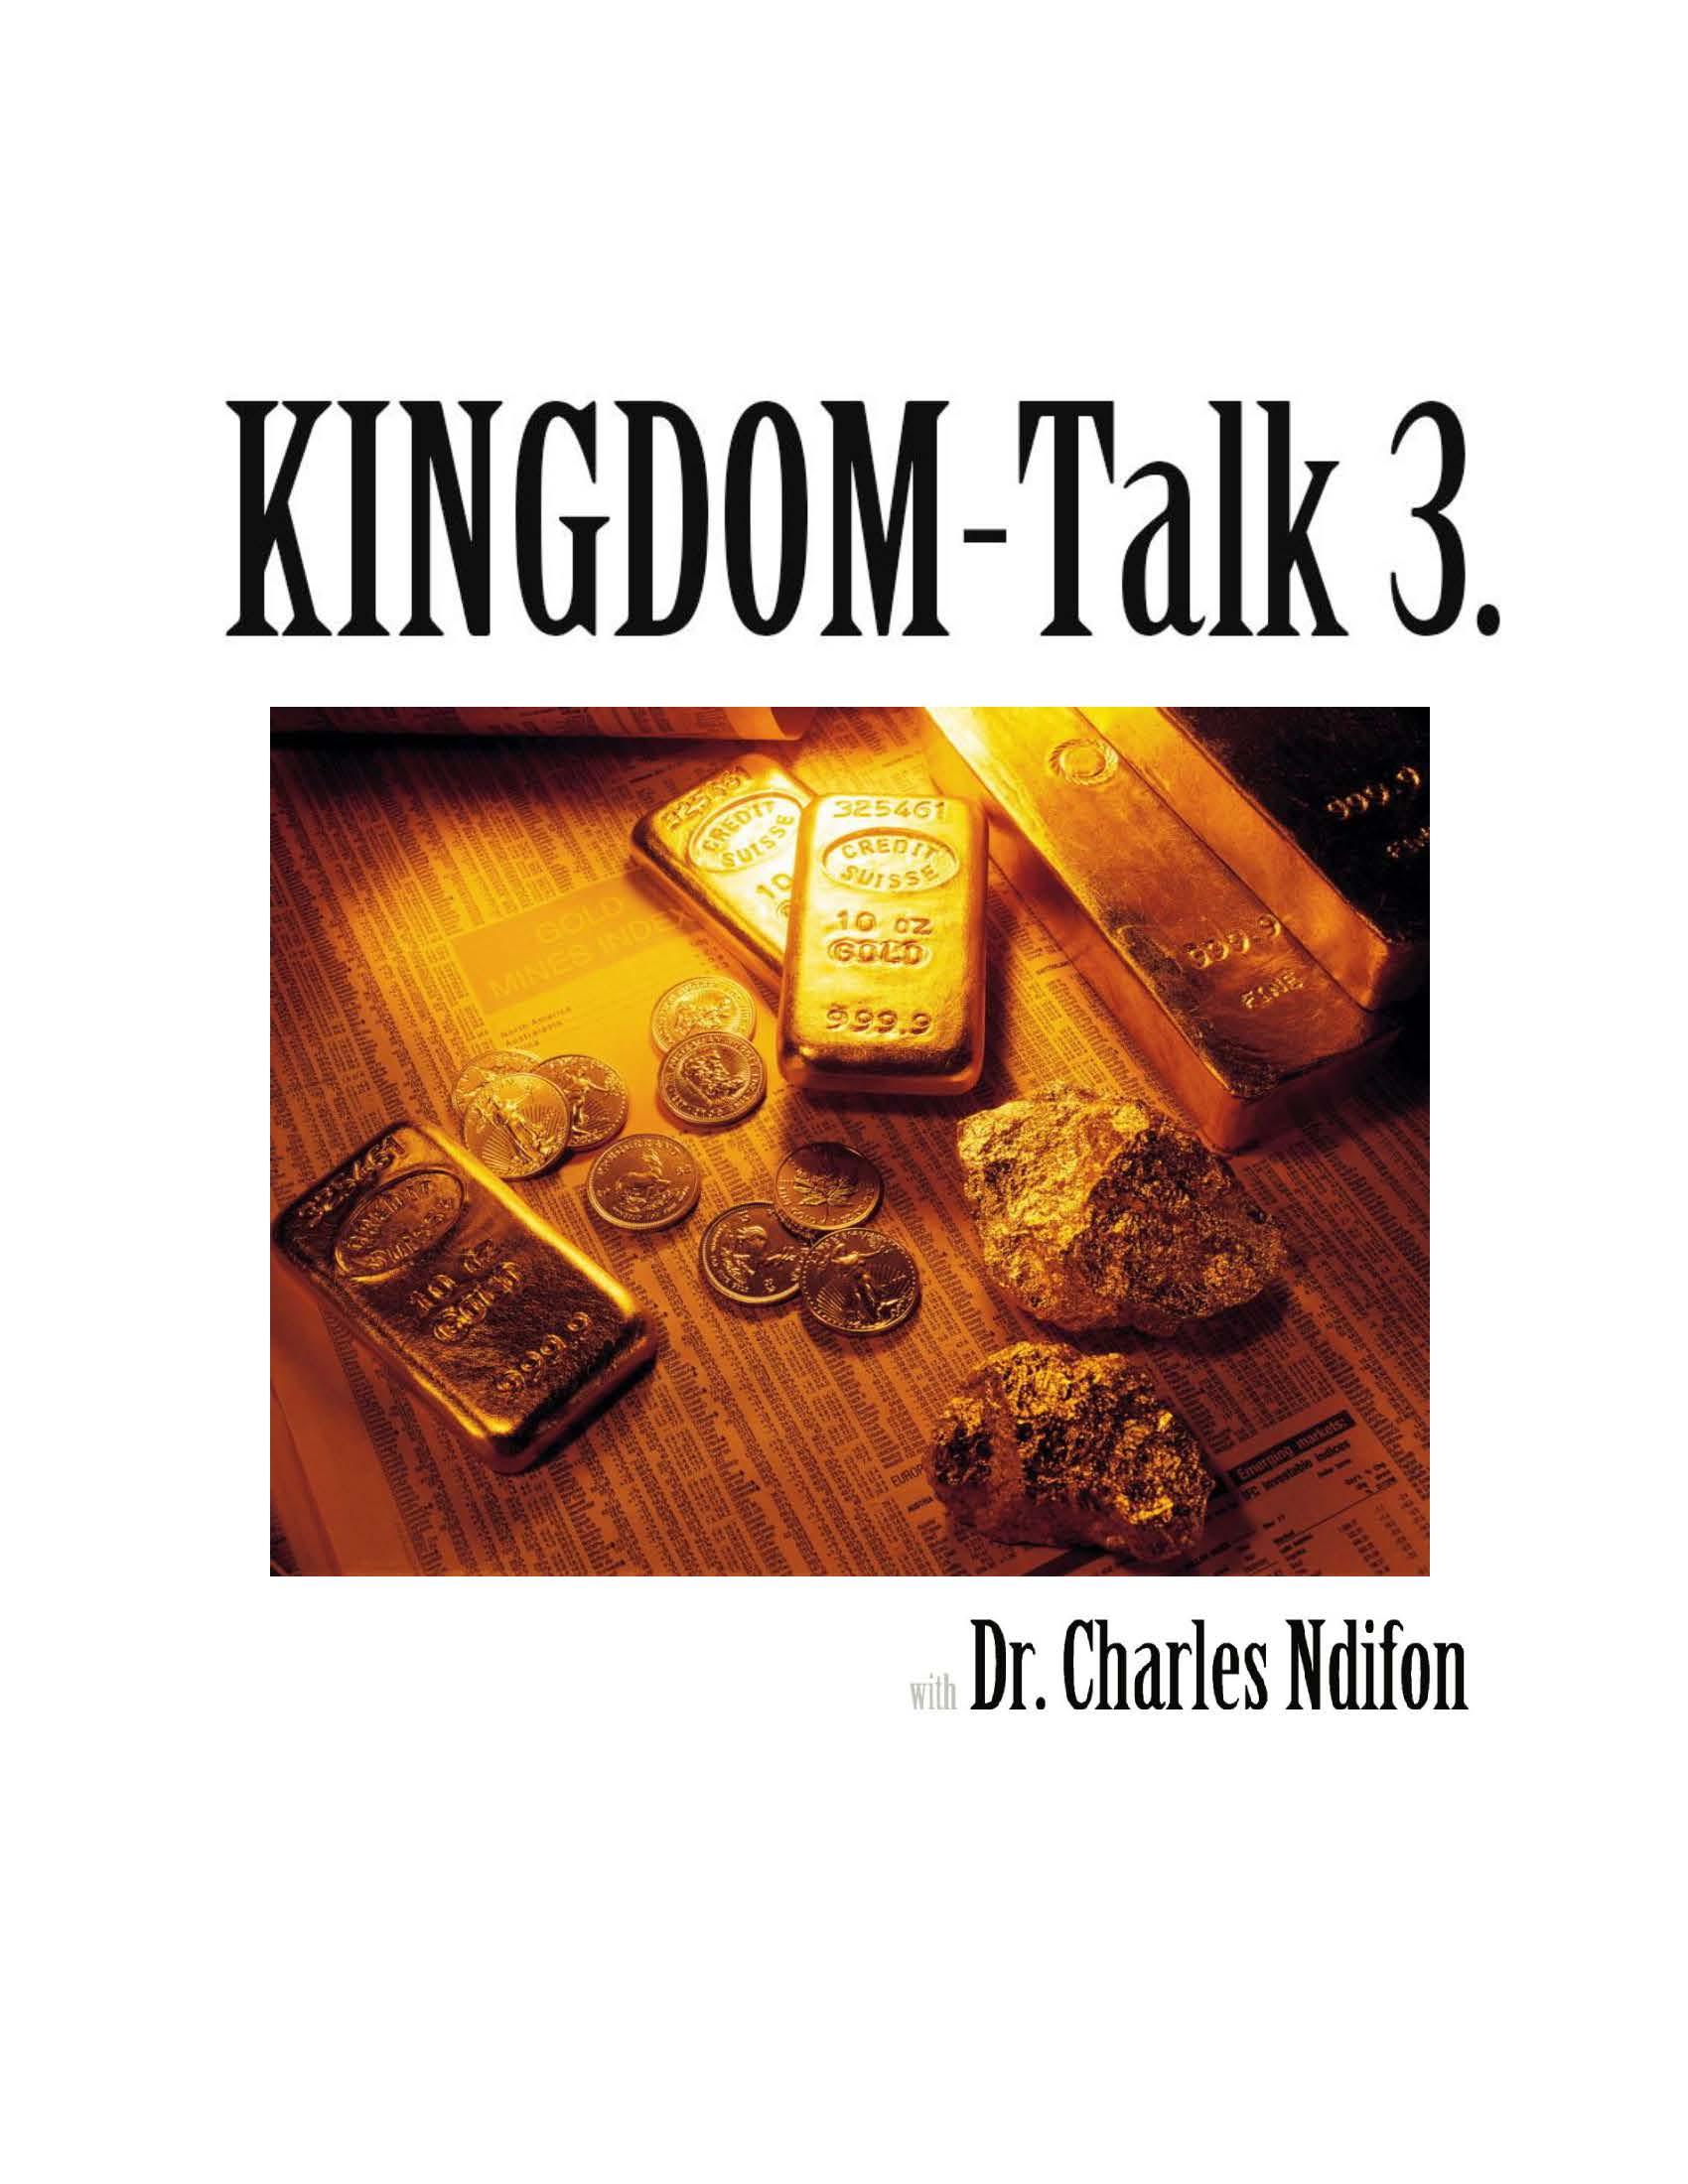 The Kingdom Talk Series - Book 1 - 4